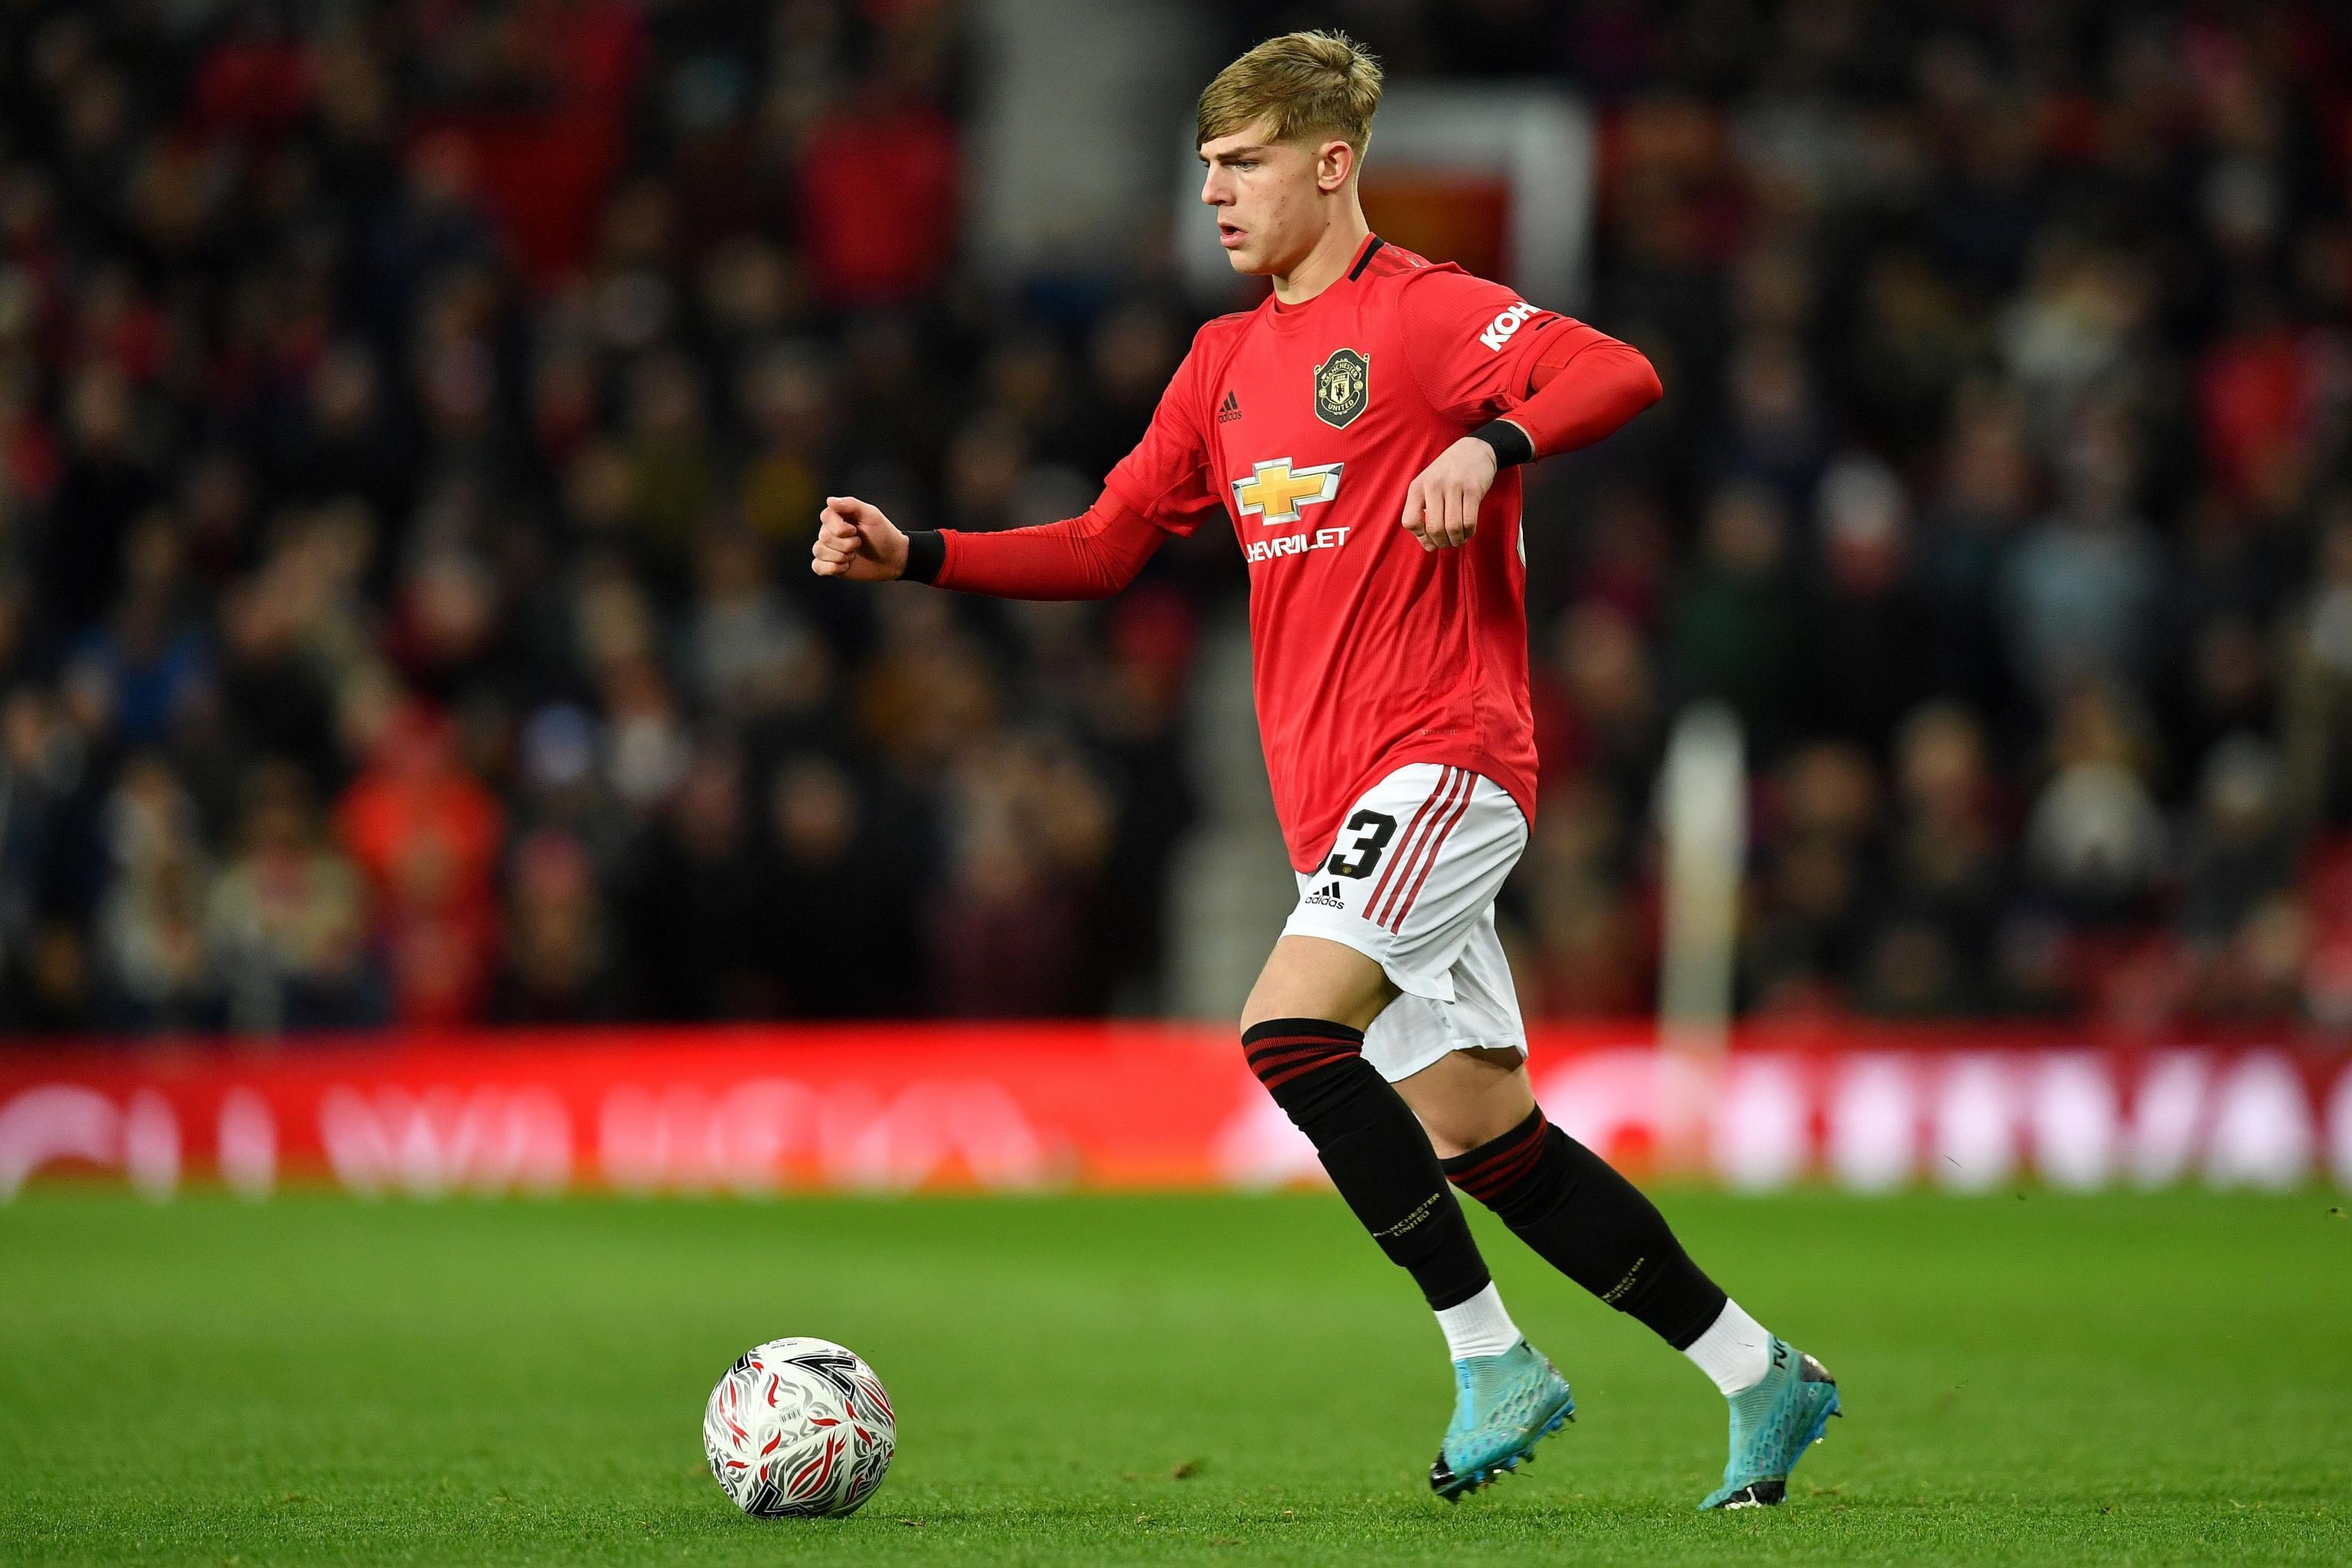 3 đội bóng ở Ngoại hạng Anh hỏi mượn sao trẻ MU